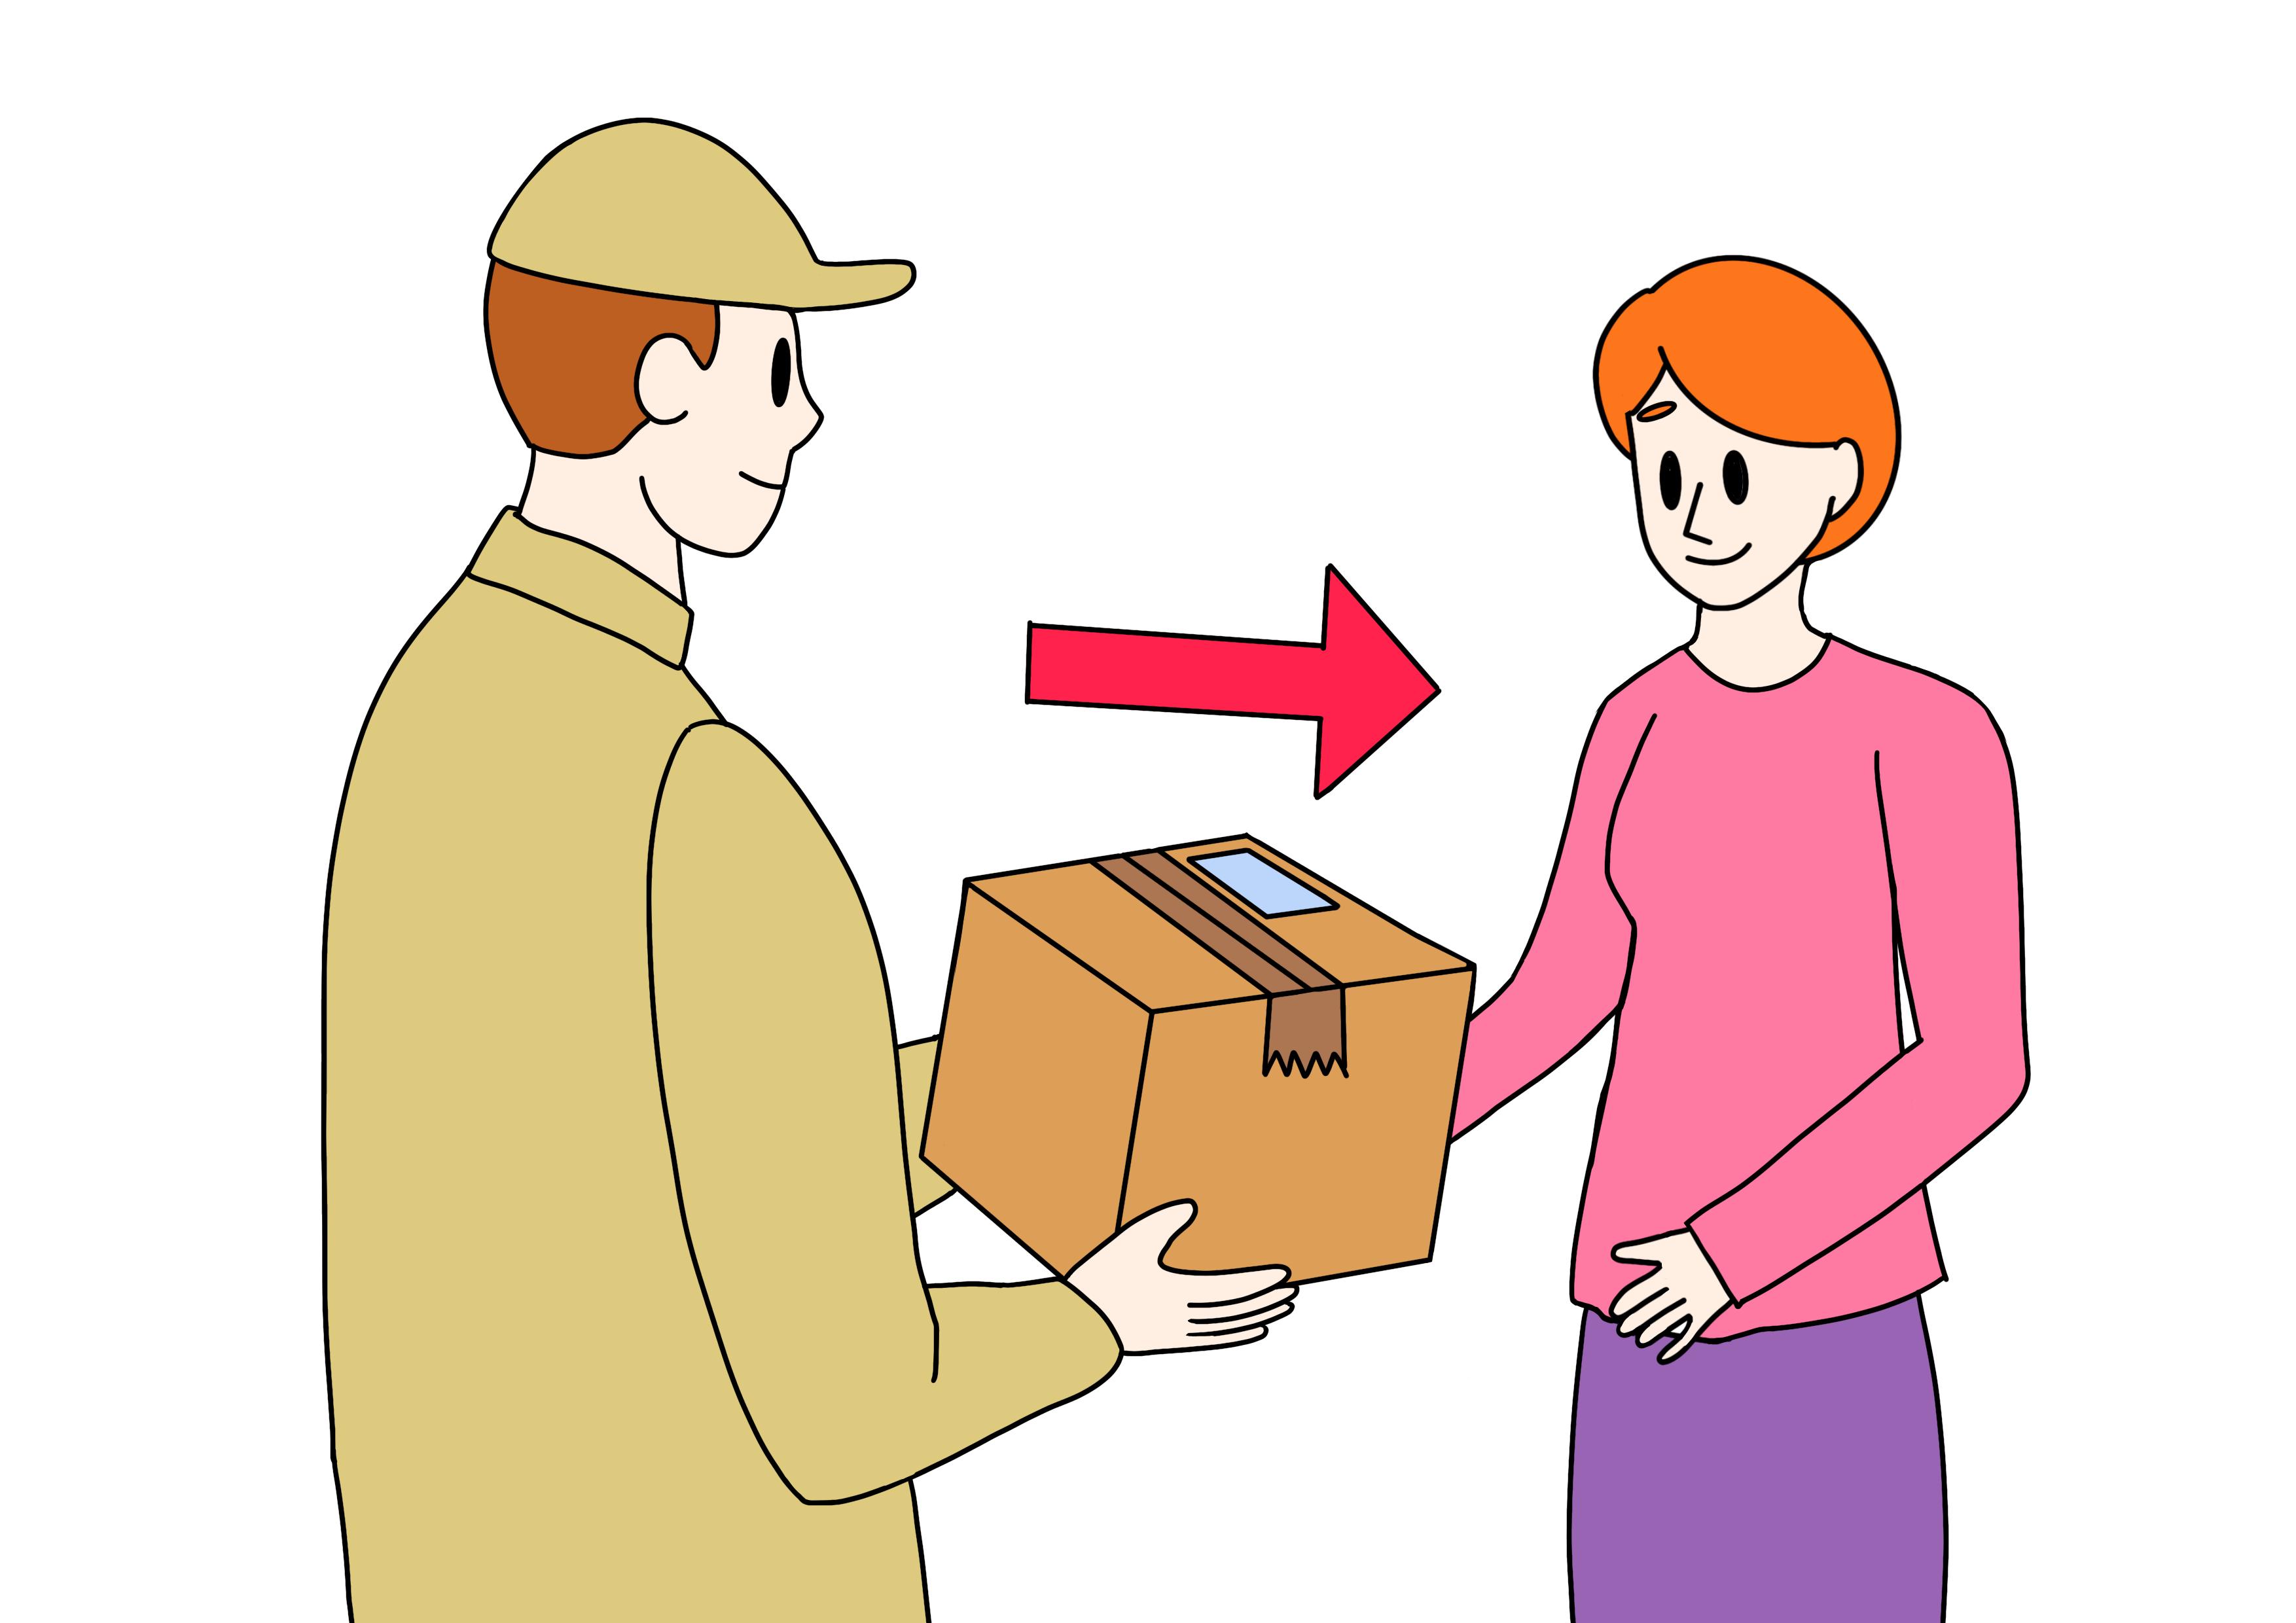 46課イラスト【荷物を渡す】